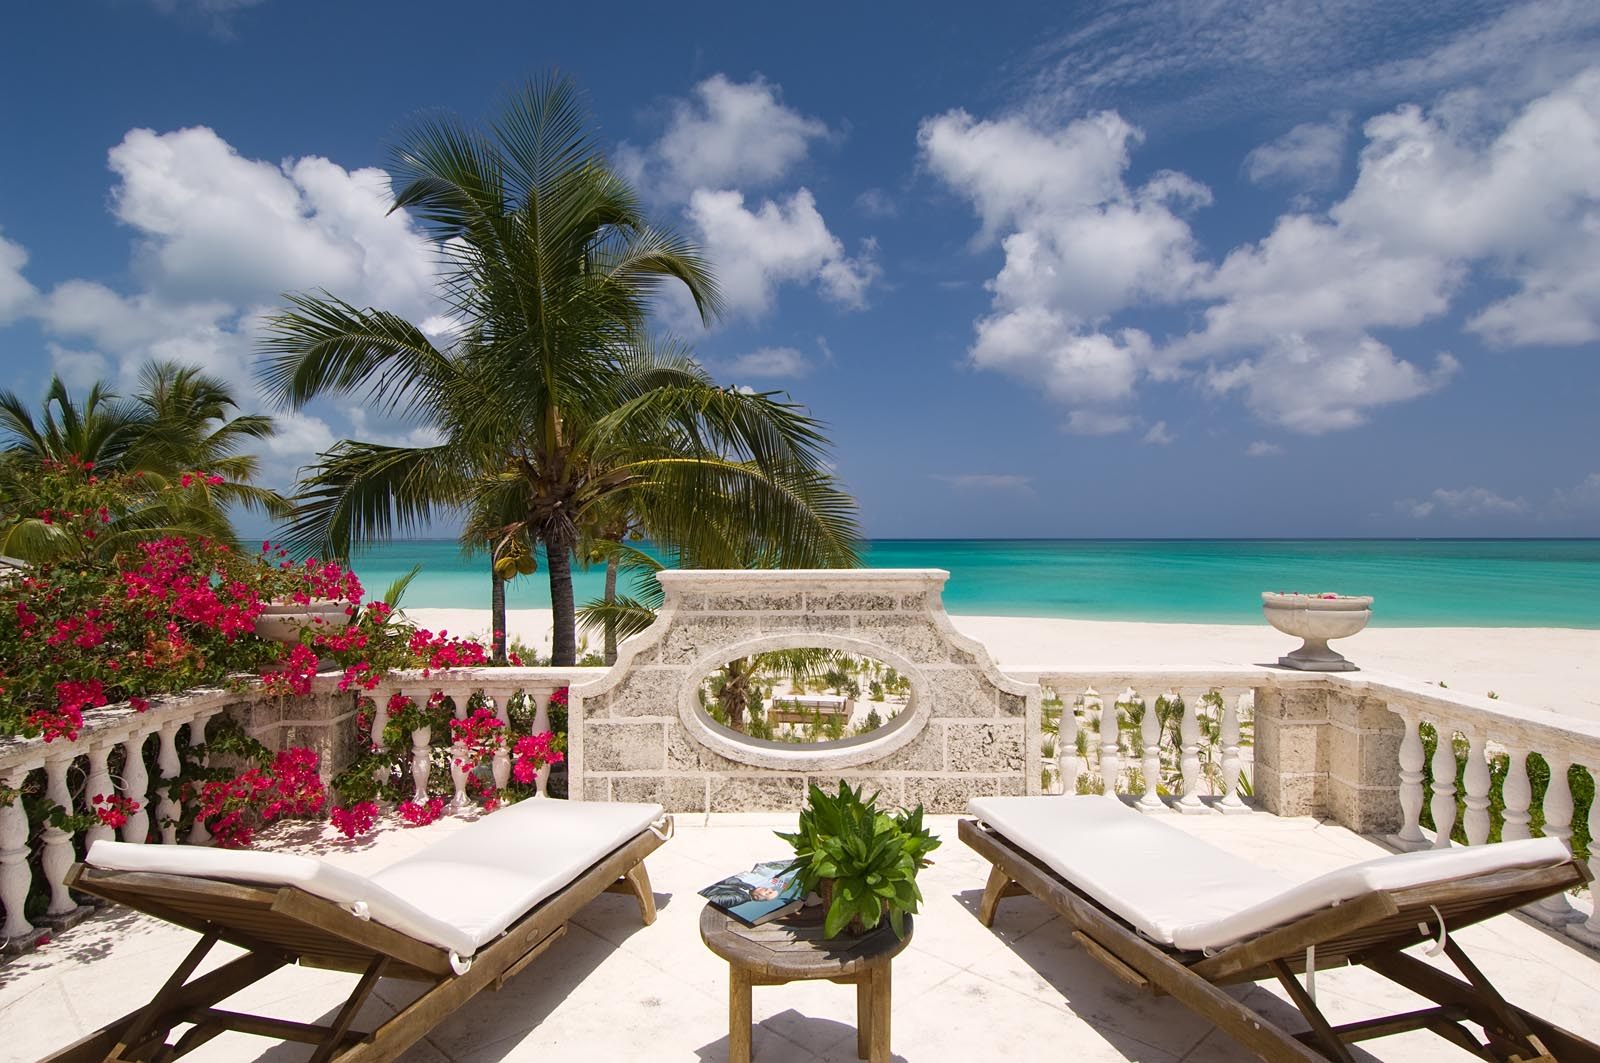 caribique villa rentals announces expansion plans for caribbean